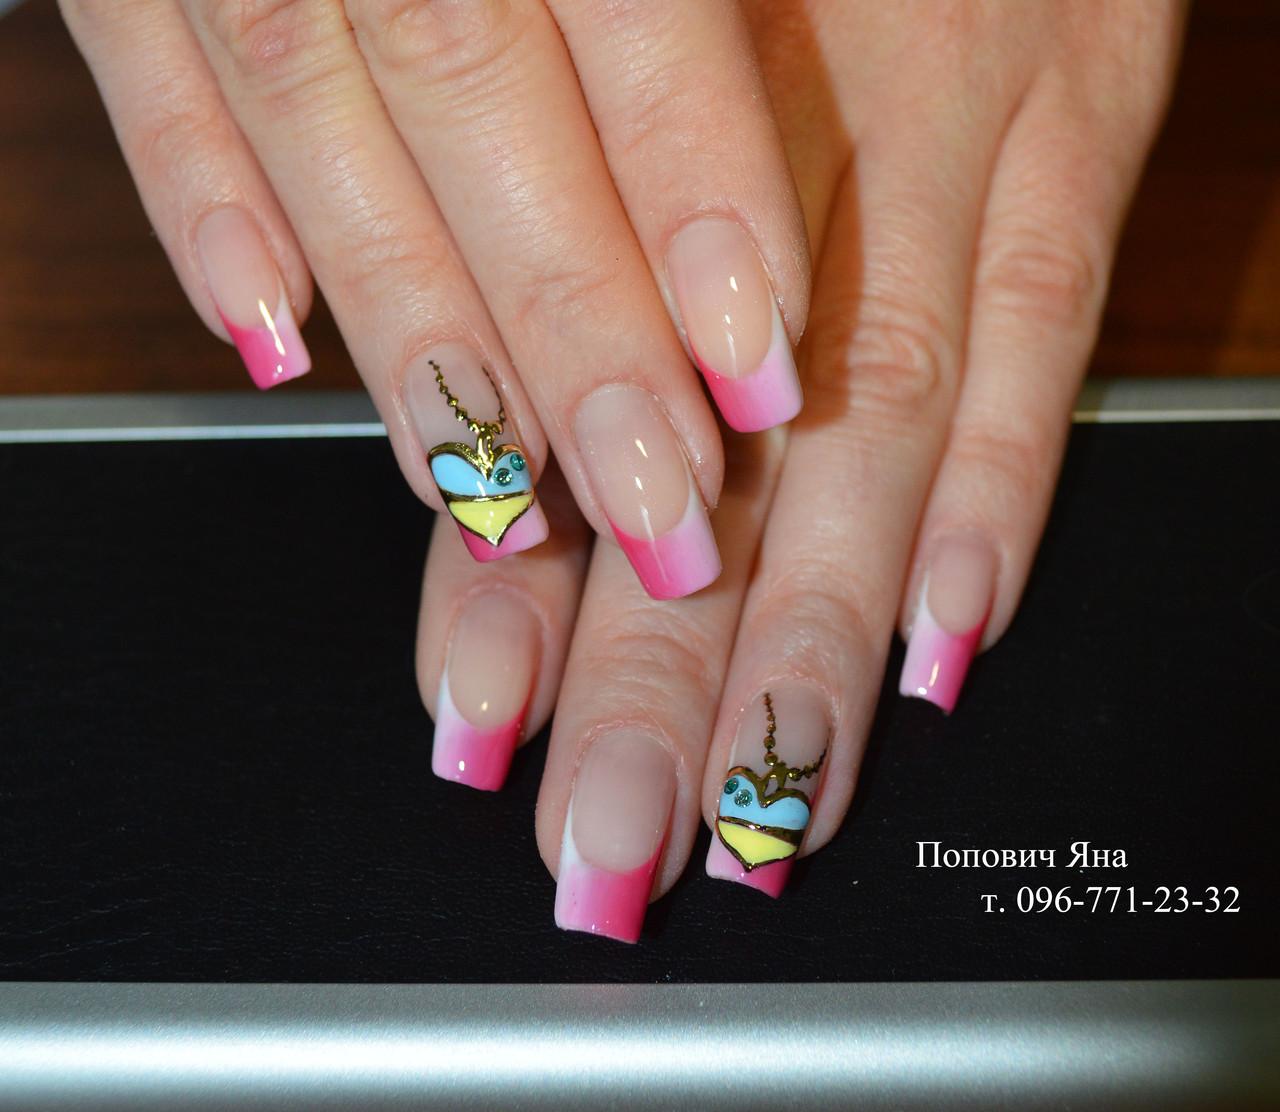 Многоцветный френч на ногтях фото